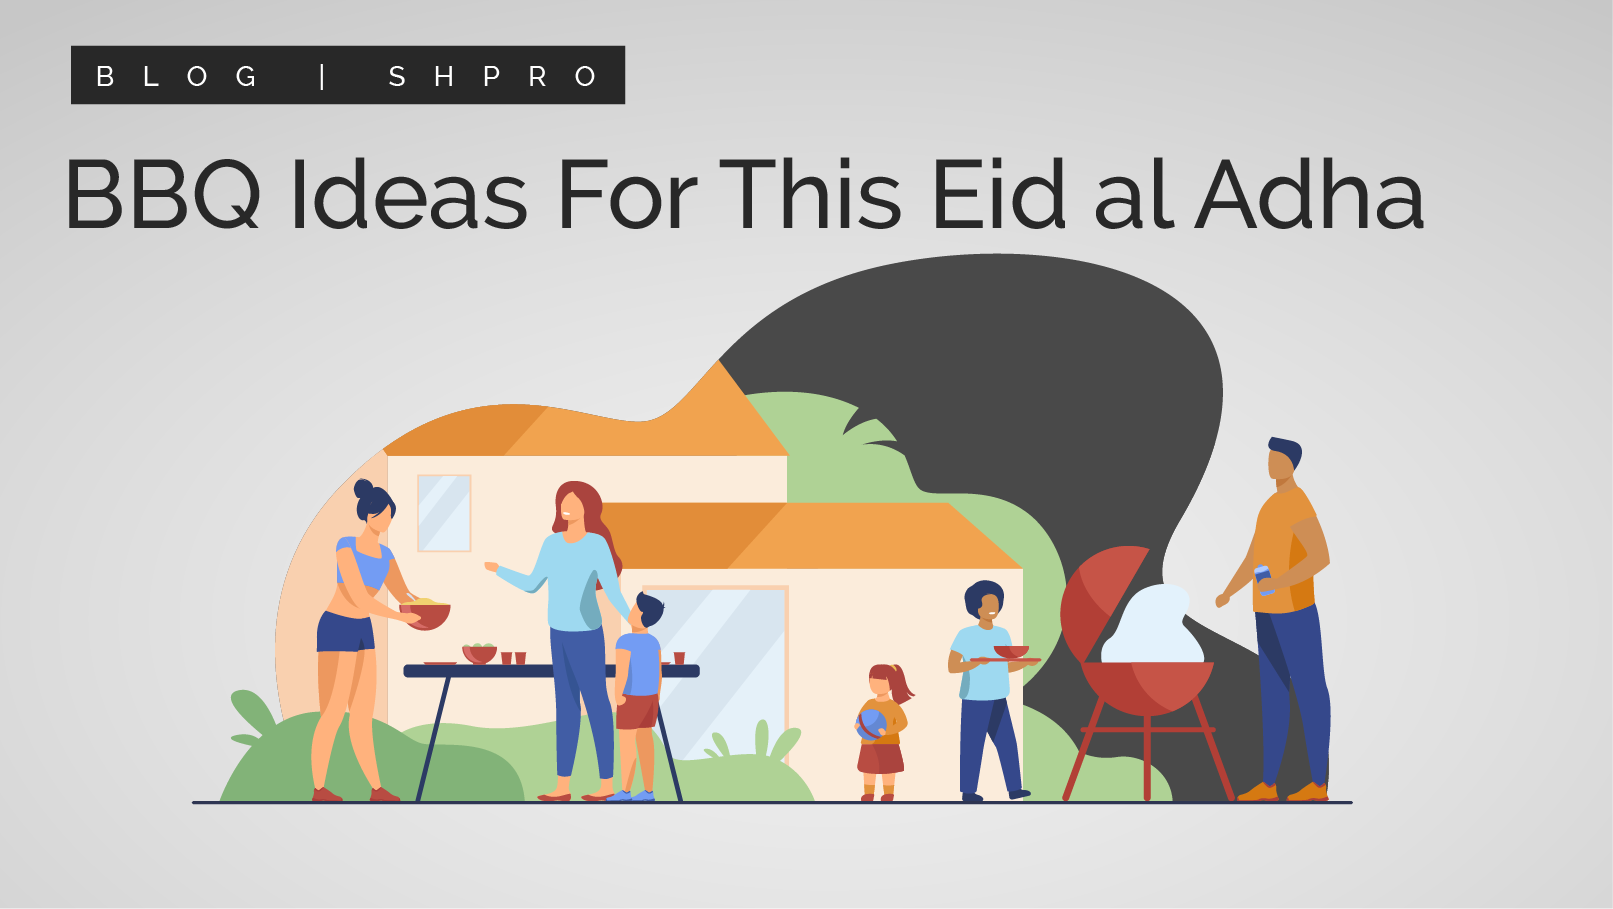 BBQ Ideas For this Eid al Adha